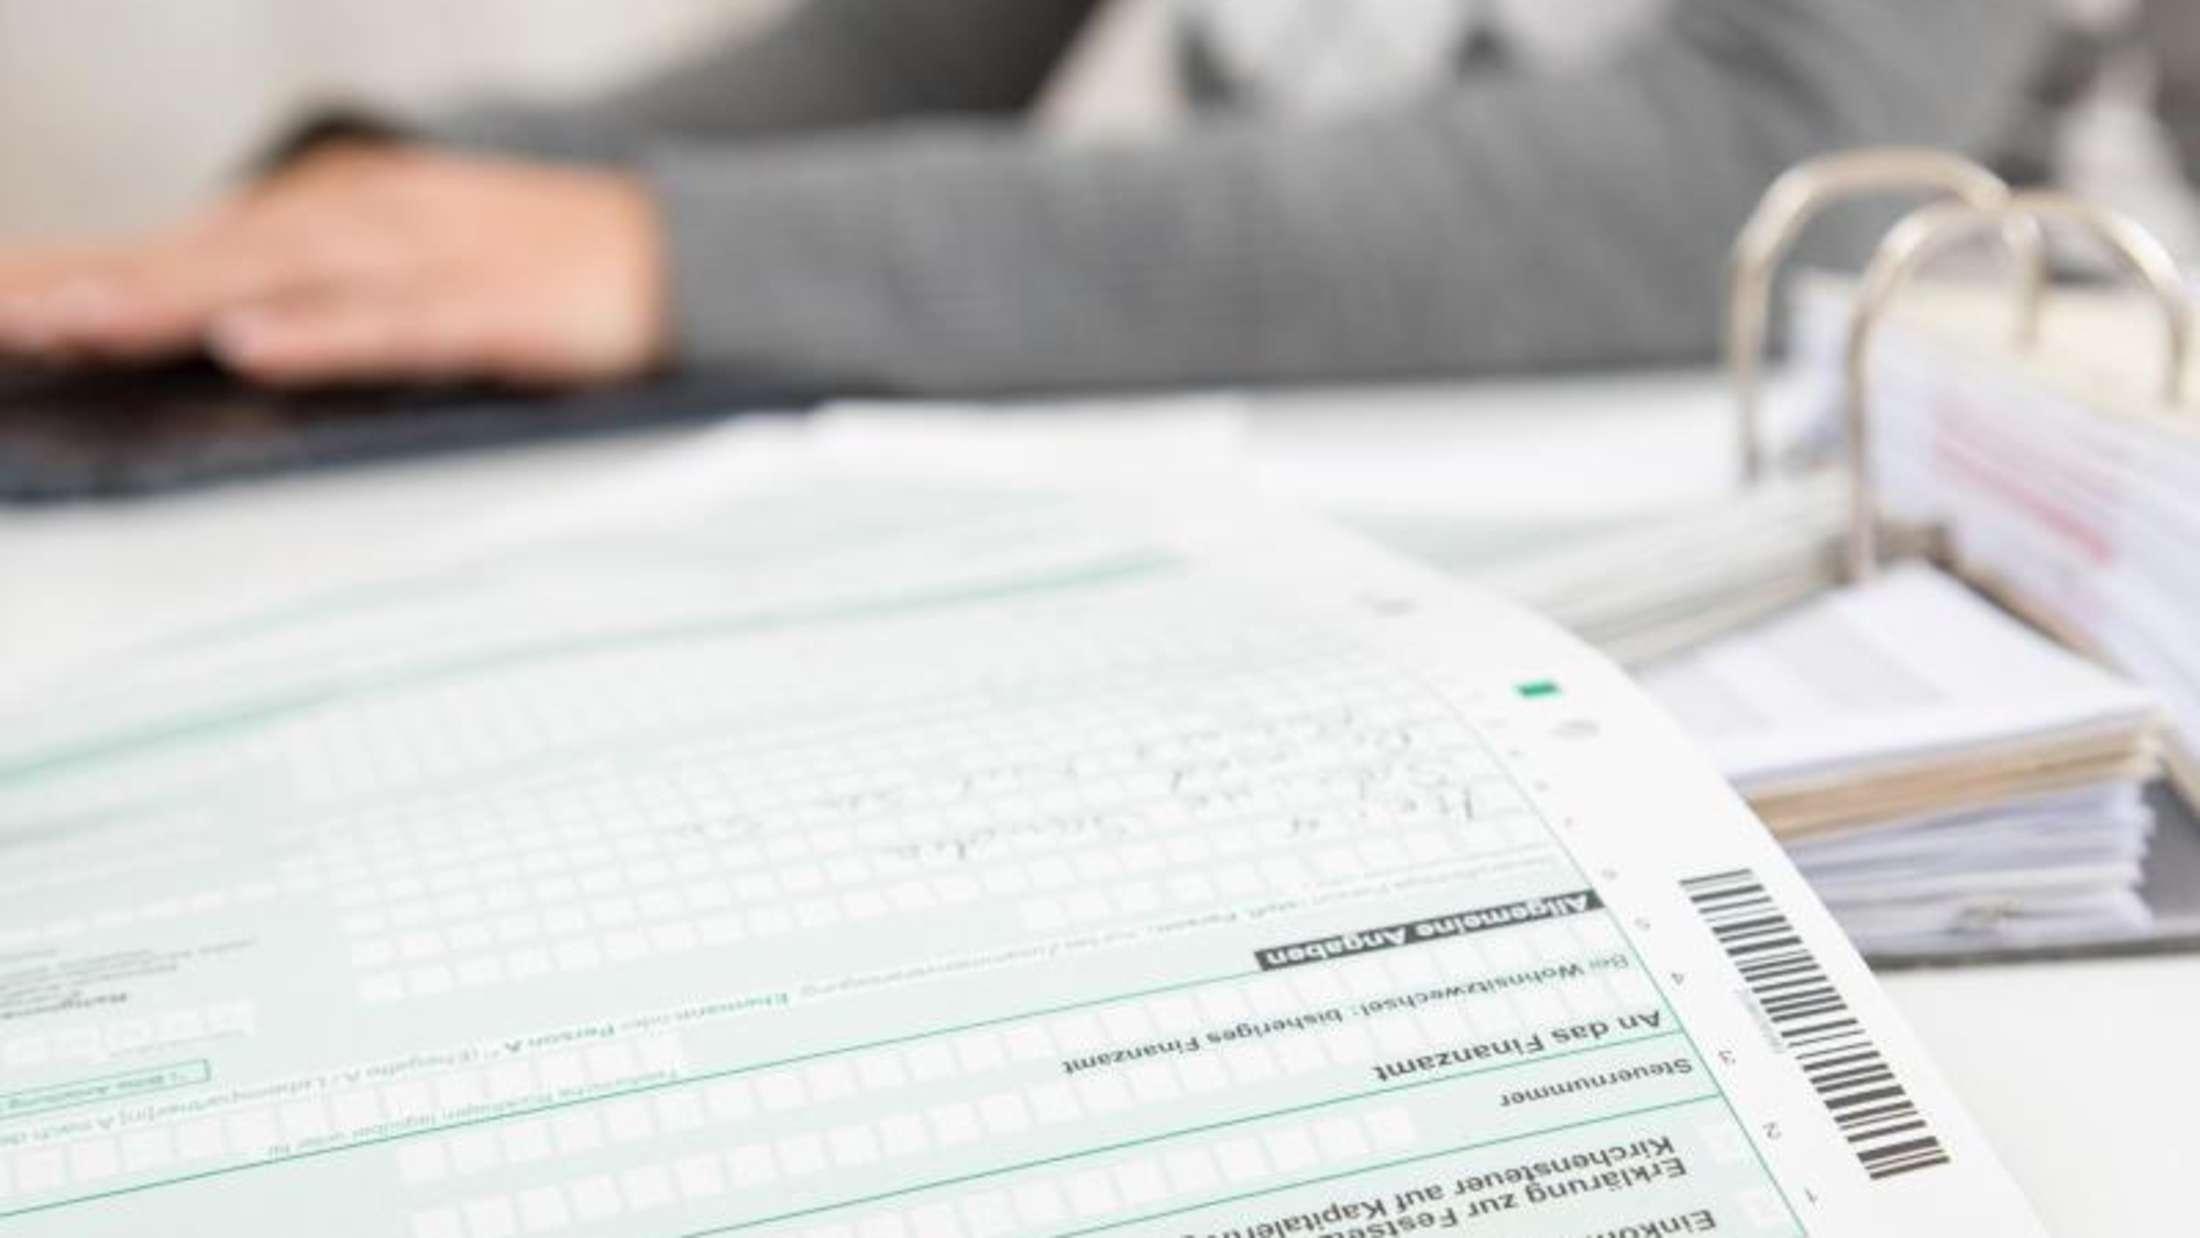 Freibeträge für 2021 eintragen lassen | Leben